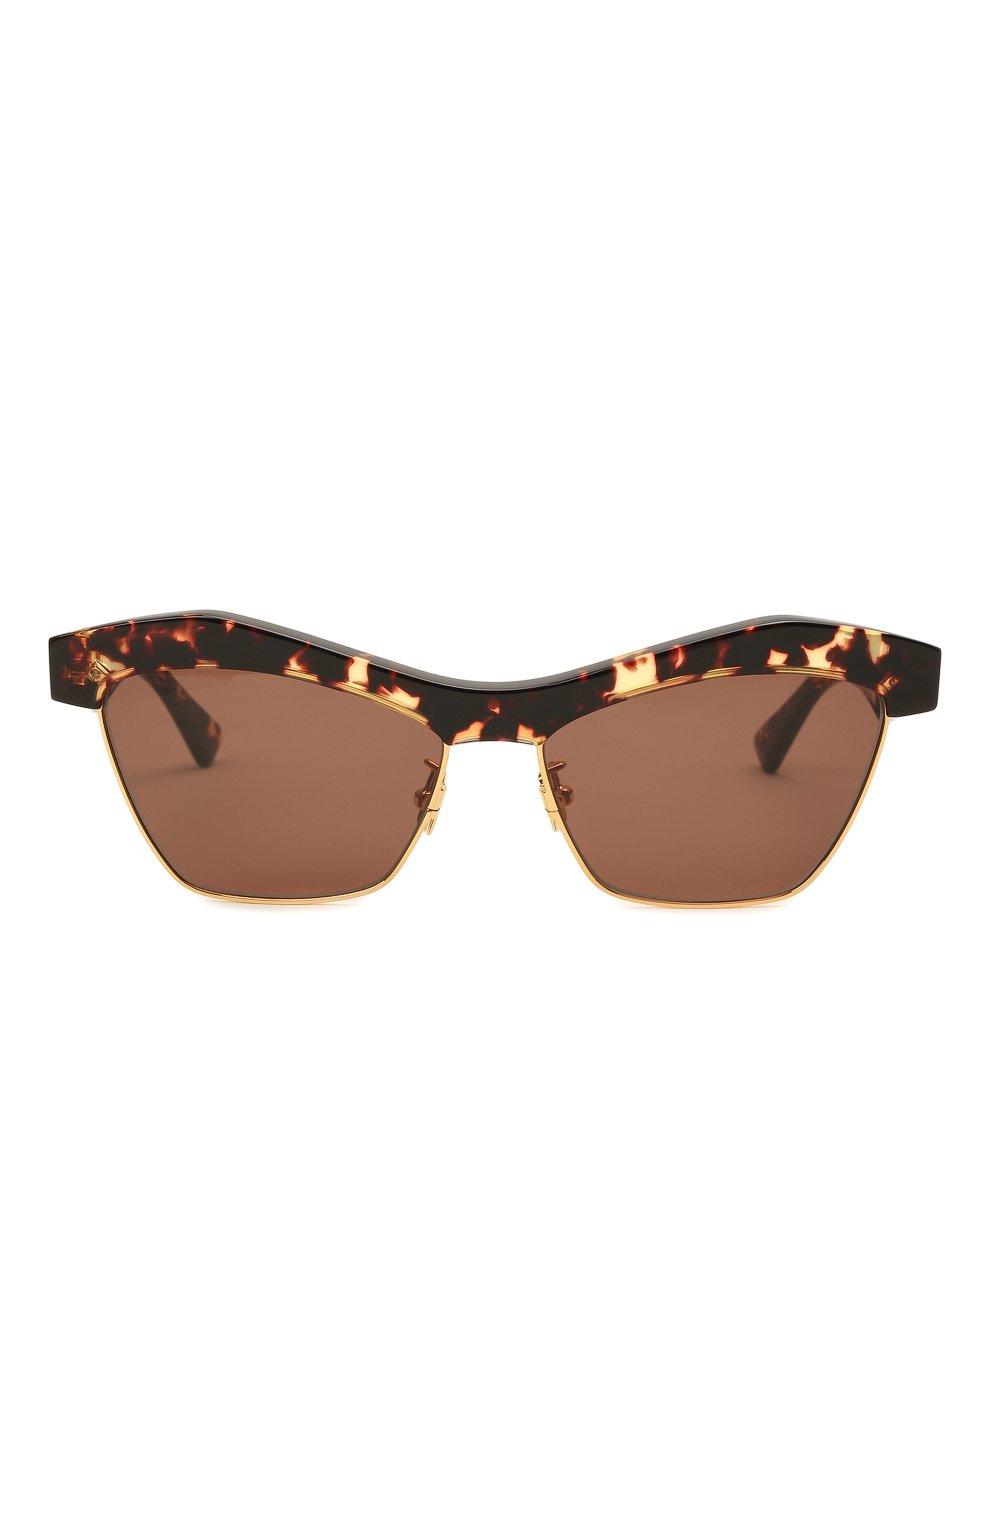 Женские солнцезащитные очки BOTTEGA VENETA коричневого цвета, арт. 668007/V2331   Фото 3